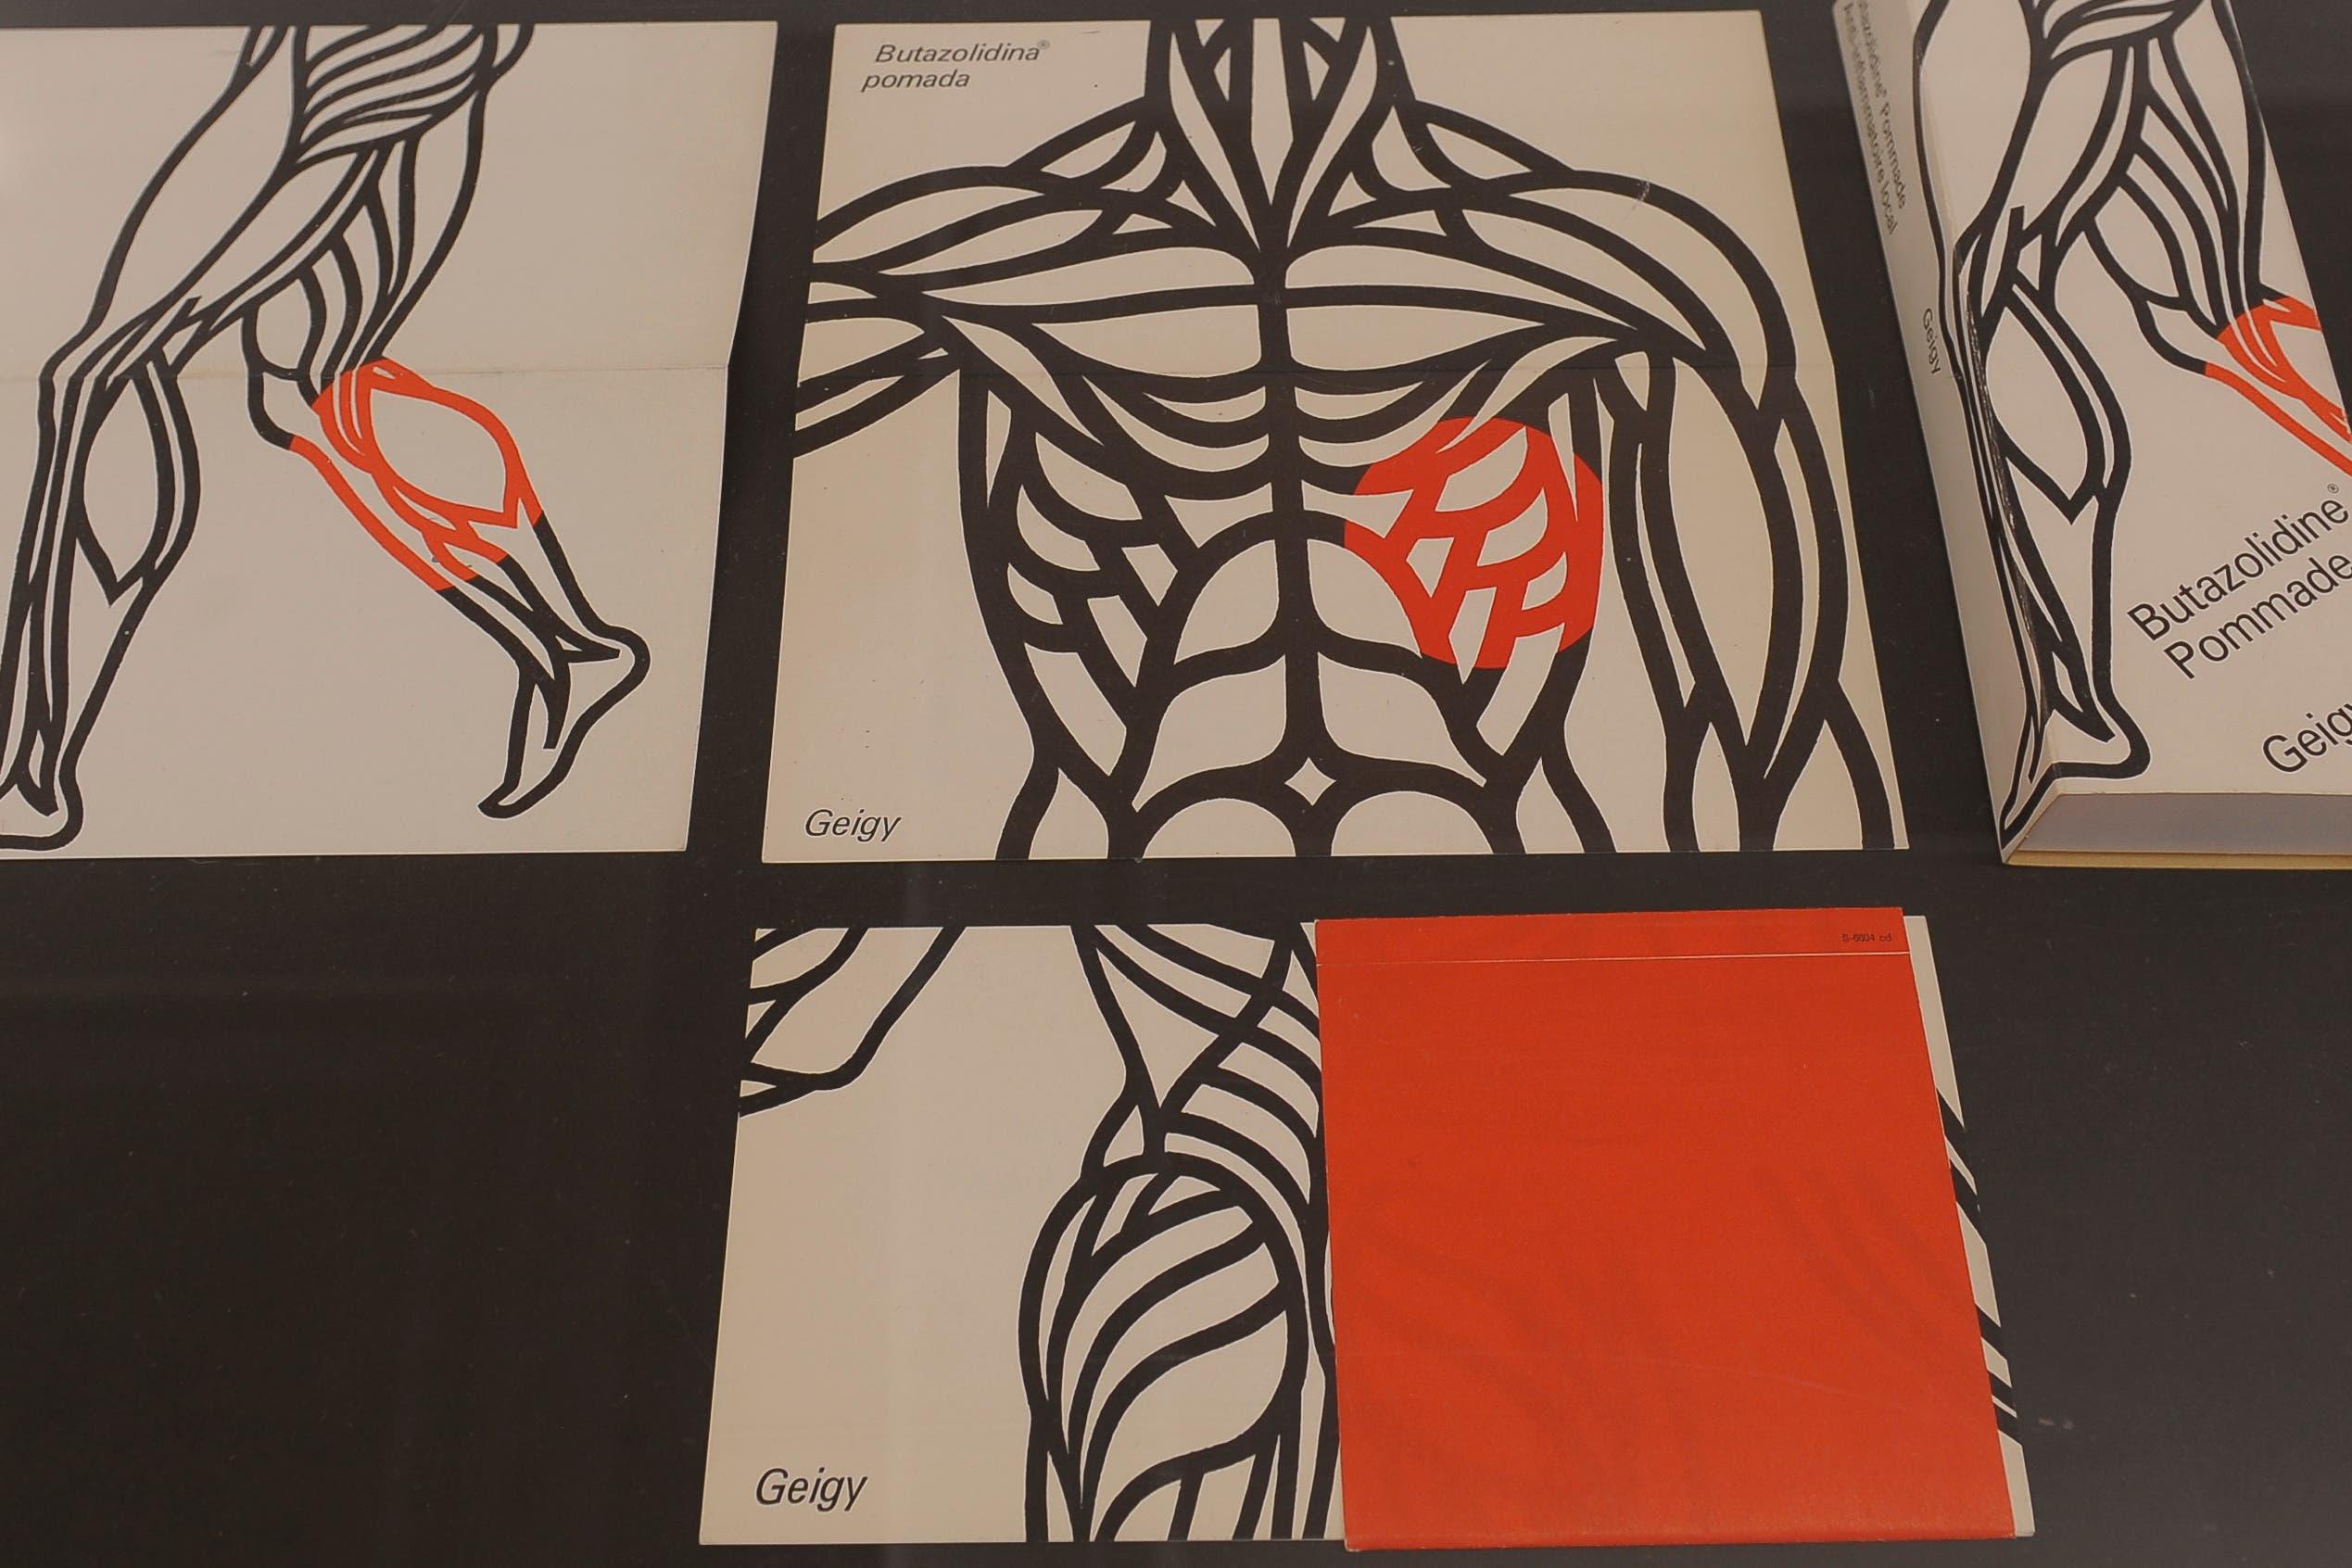 Geissbühler Ausstellung Das Rappazmuseum im Klingental zeigt das graphische Schaffen von Steff Geissbühler.